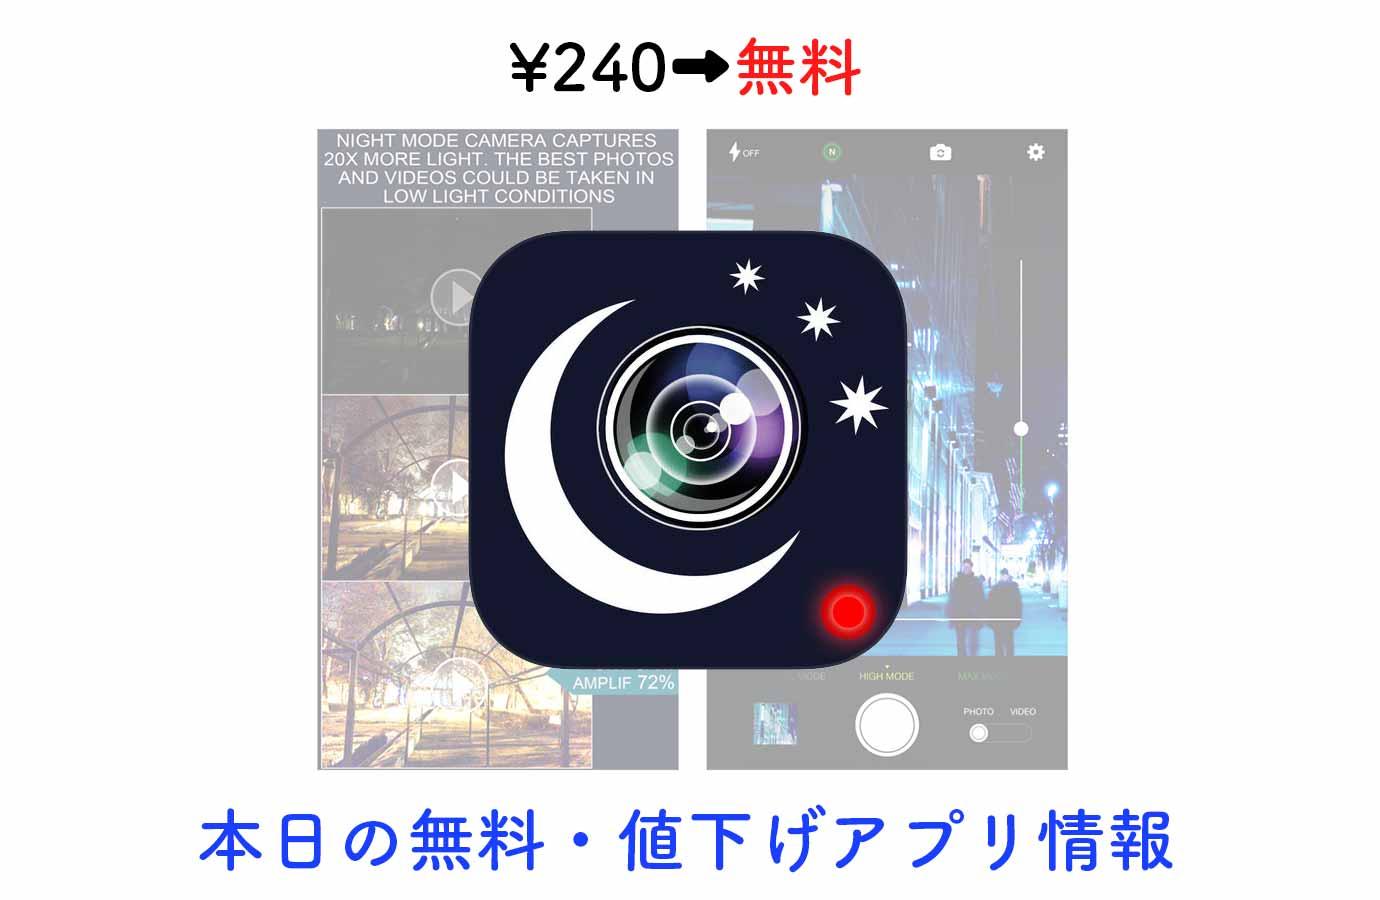 ¥240→無料、夜景を撮るのに最適なカメラアプリ「Night Mode Camera」など【8/25】本日の無料・値下げアプリ情報